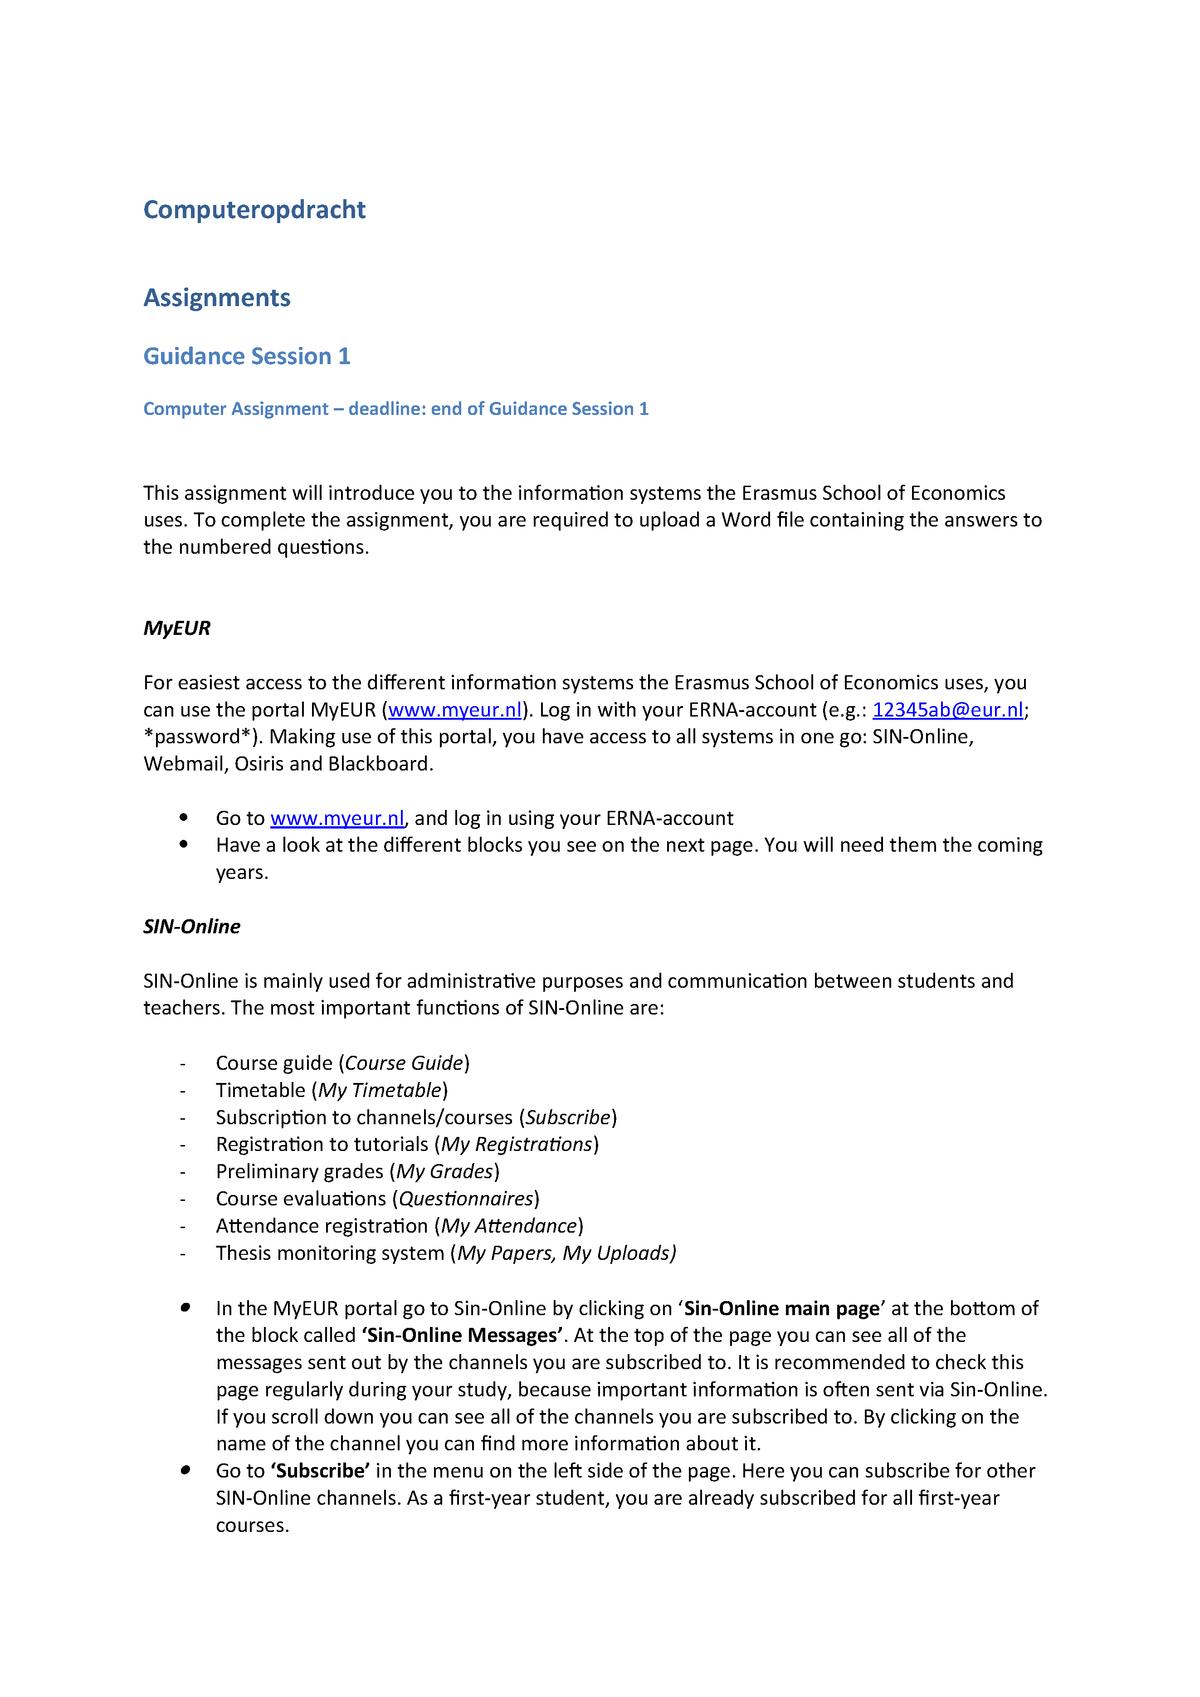 Seminar assignments - Computer opdracht - FEB11019